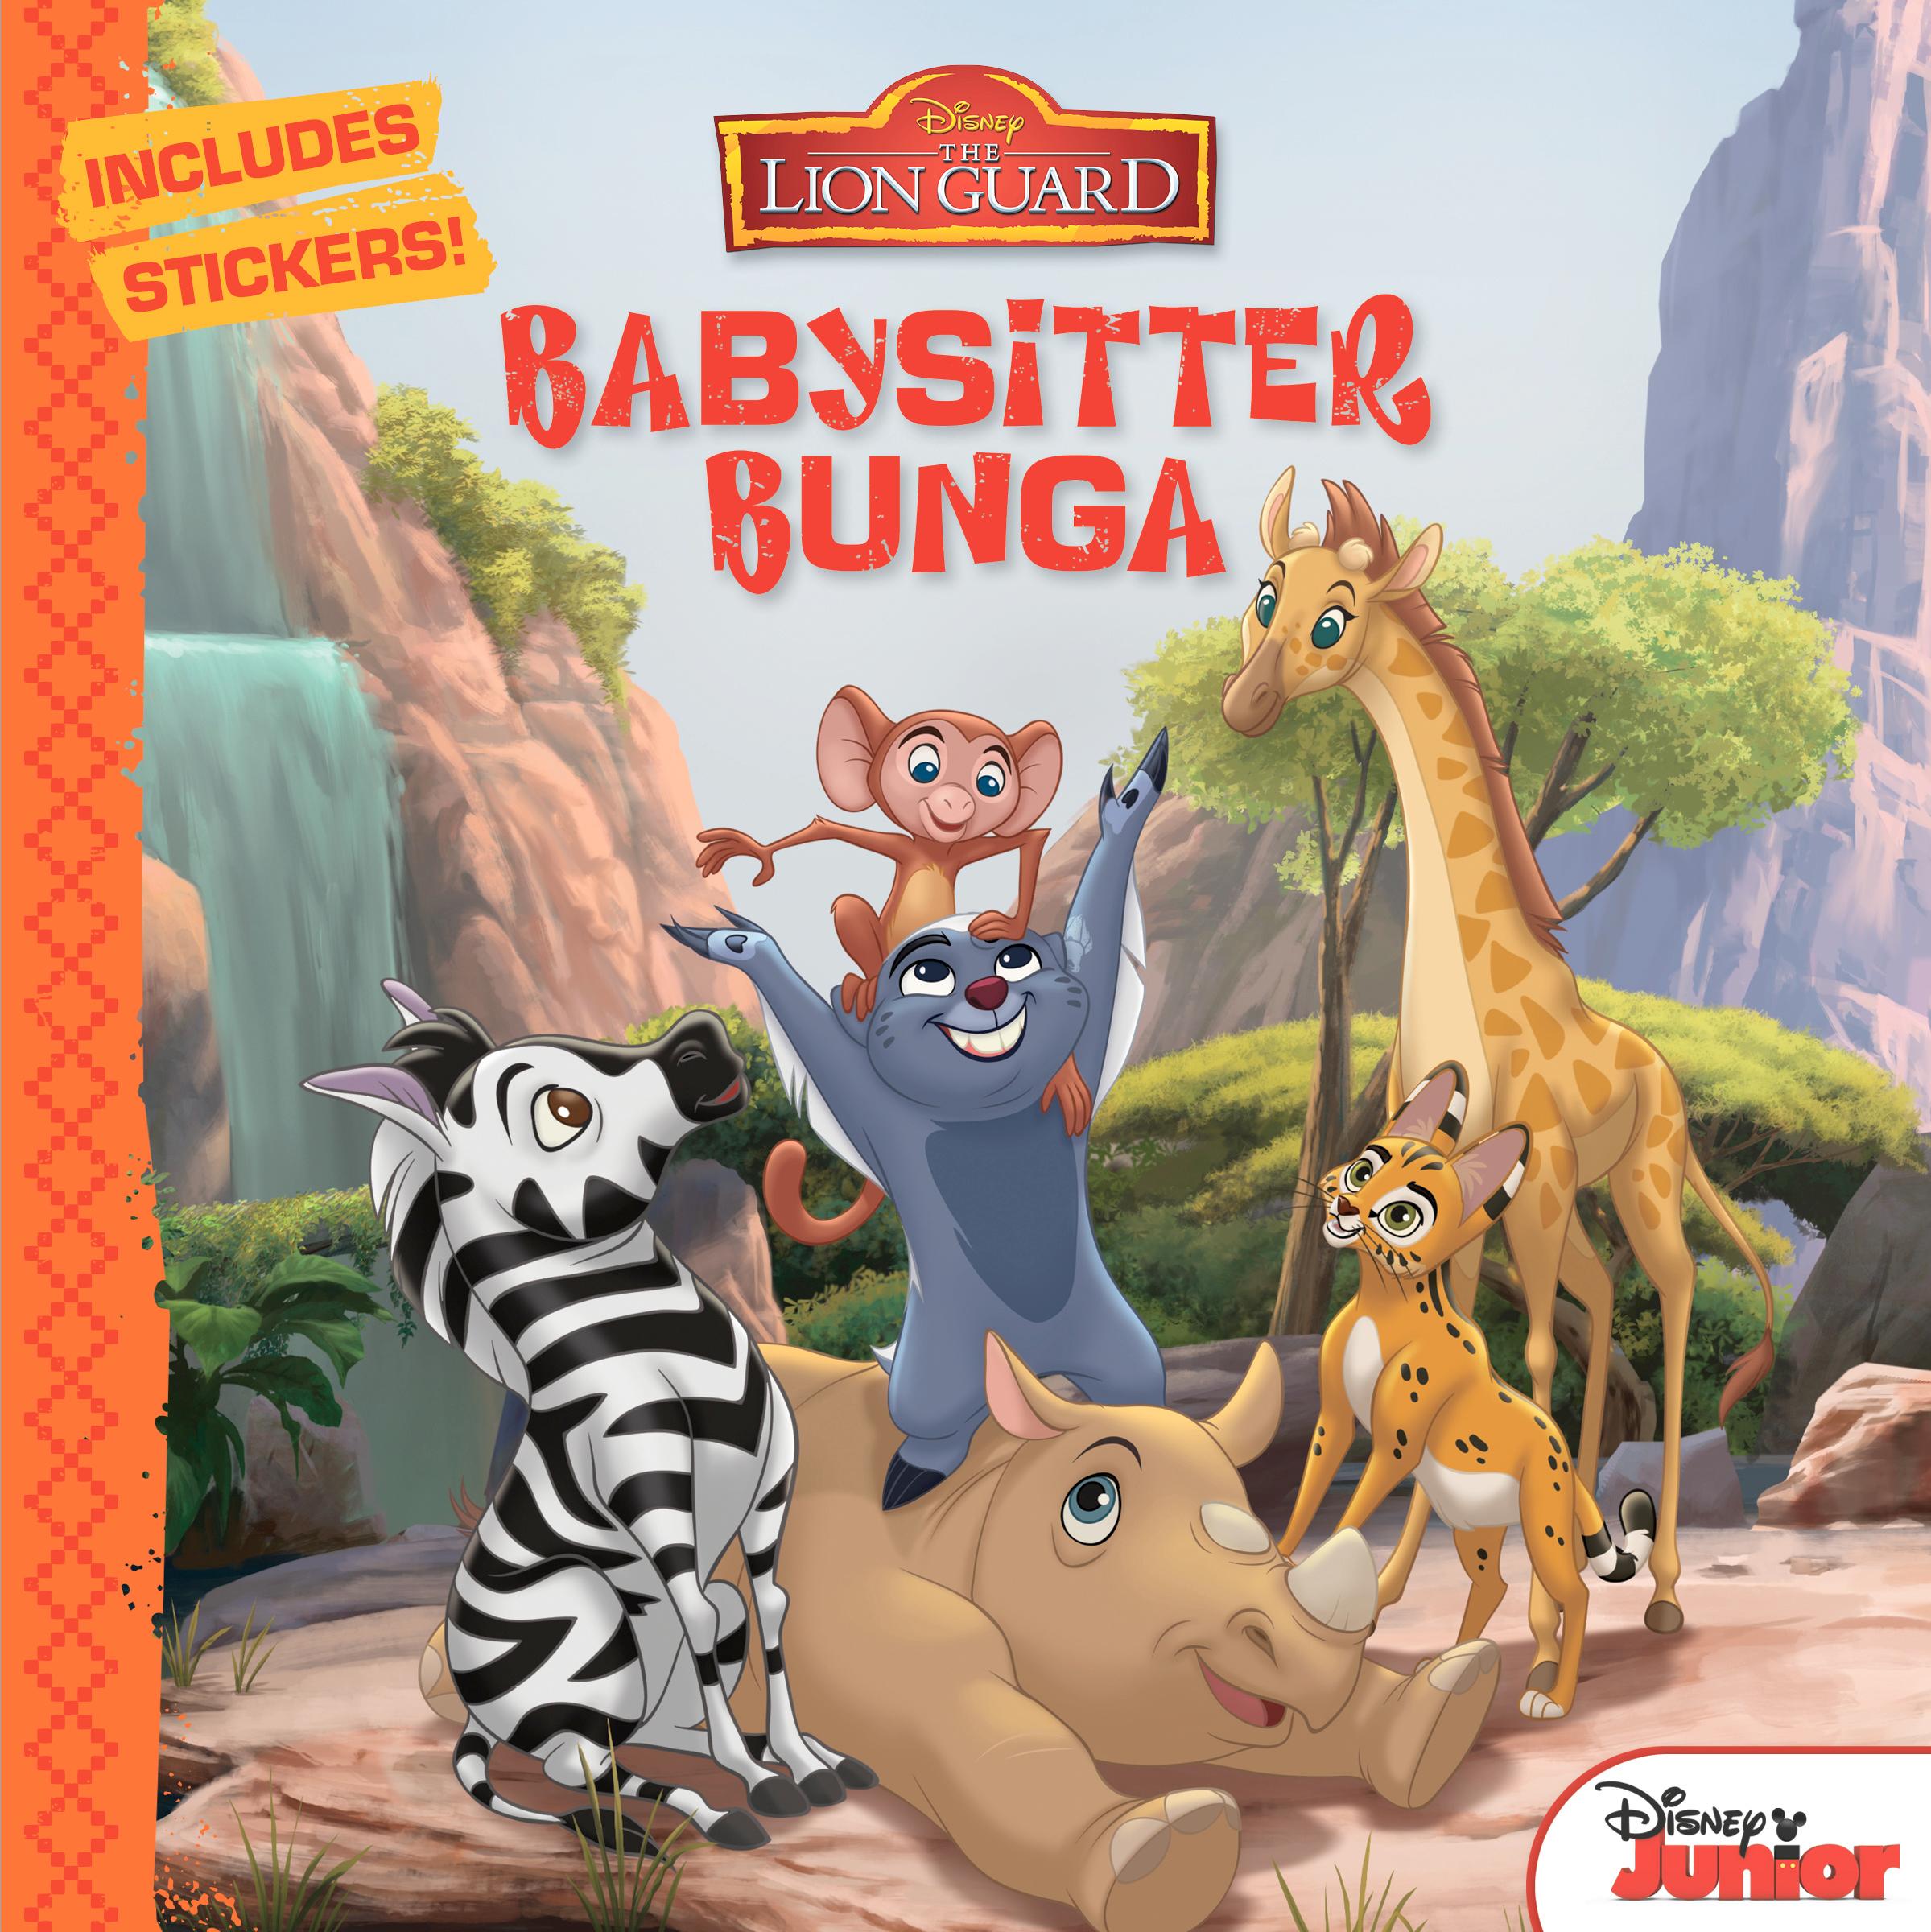 Babysitter Bunga (book)